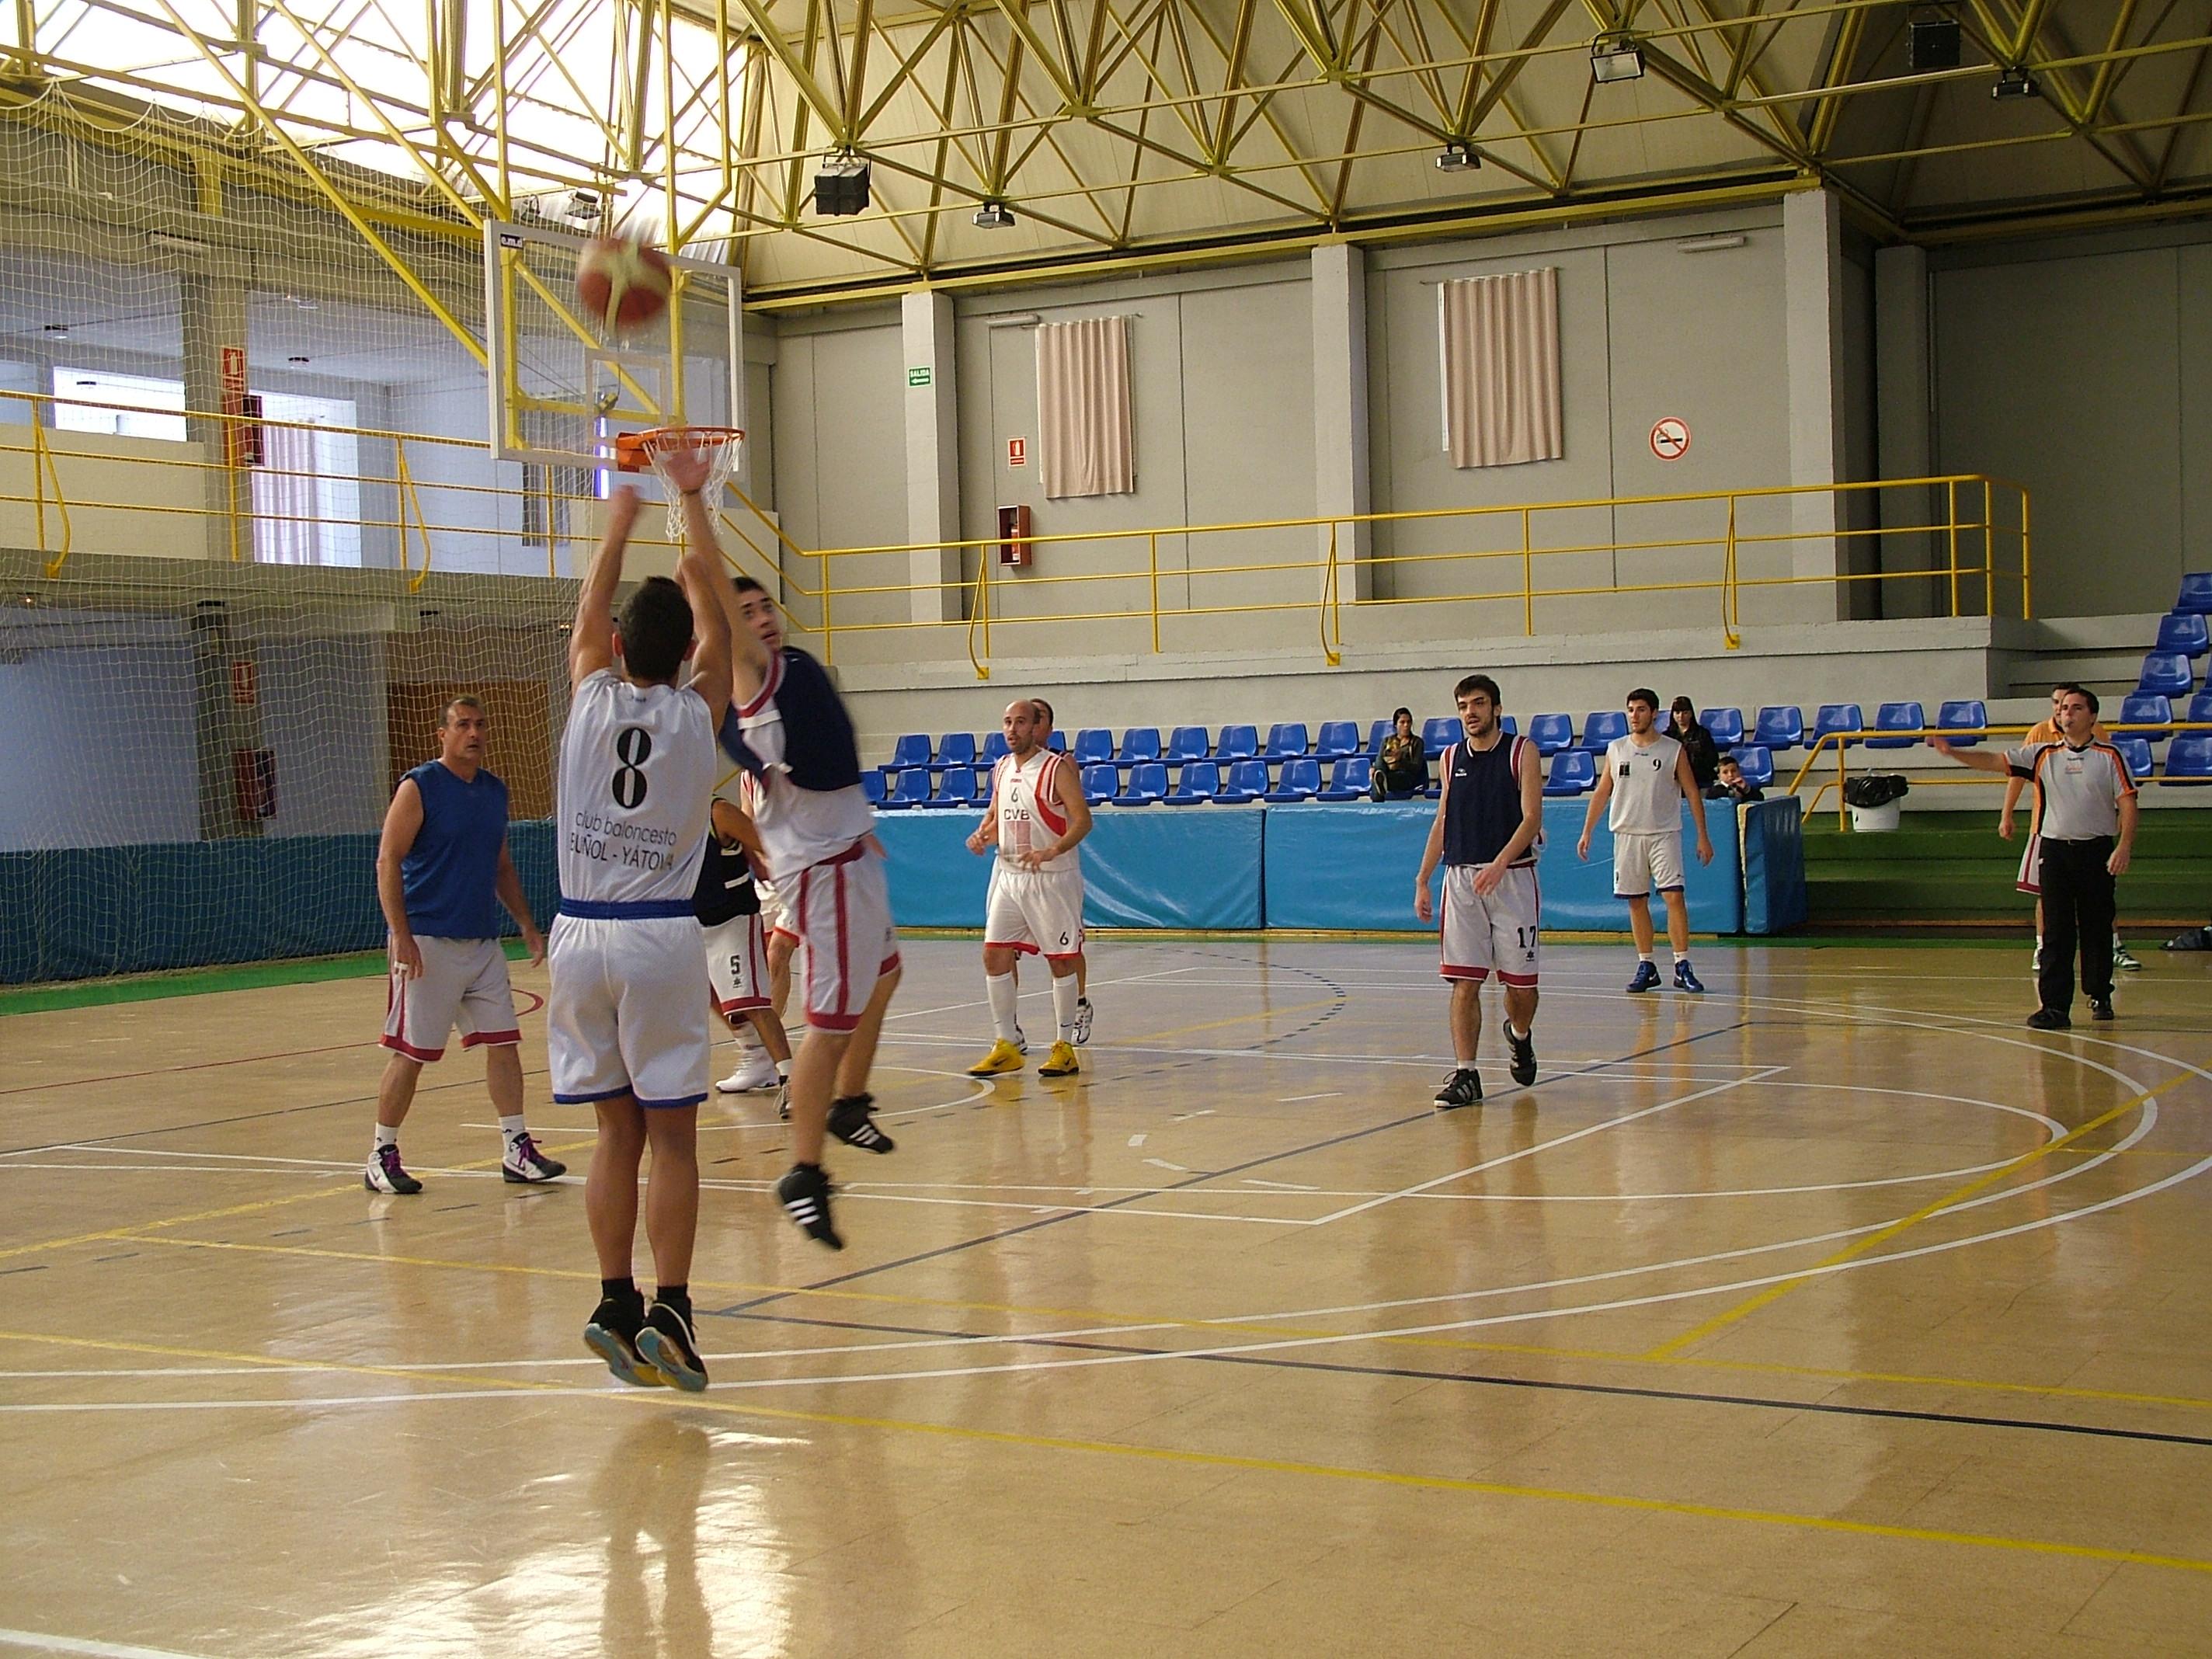 Baloncesto en el Pabellón Municipal de El Planell.